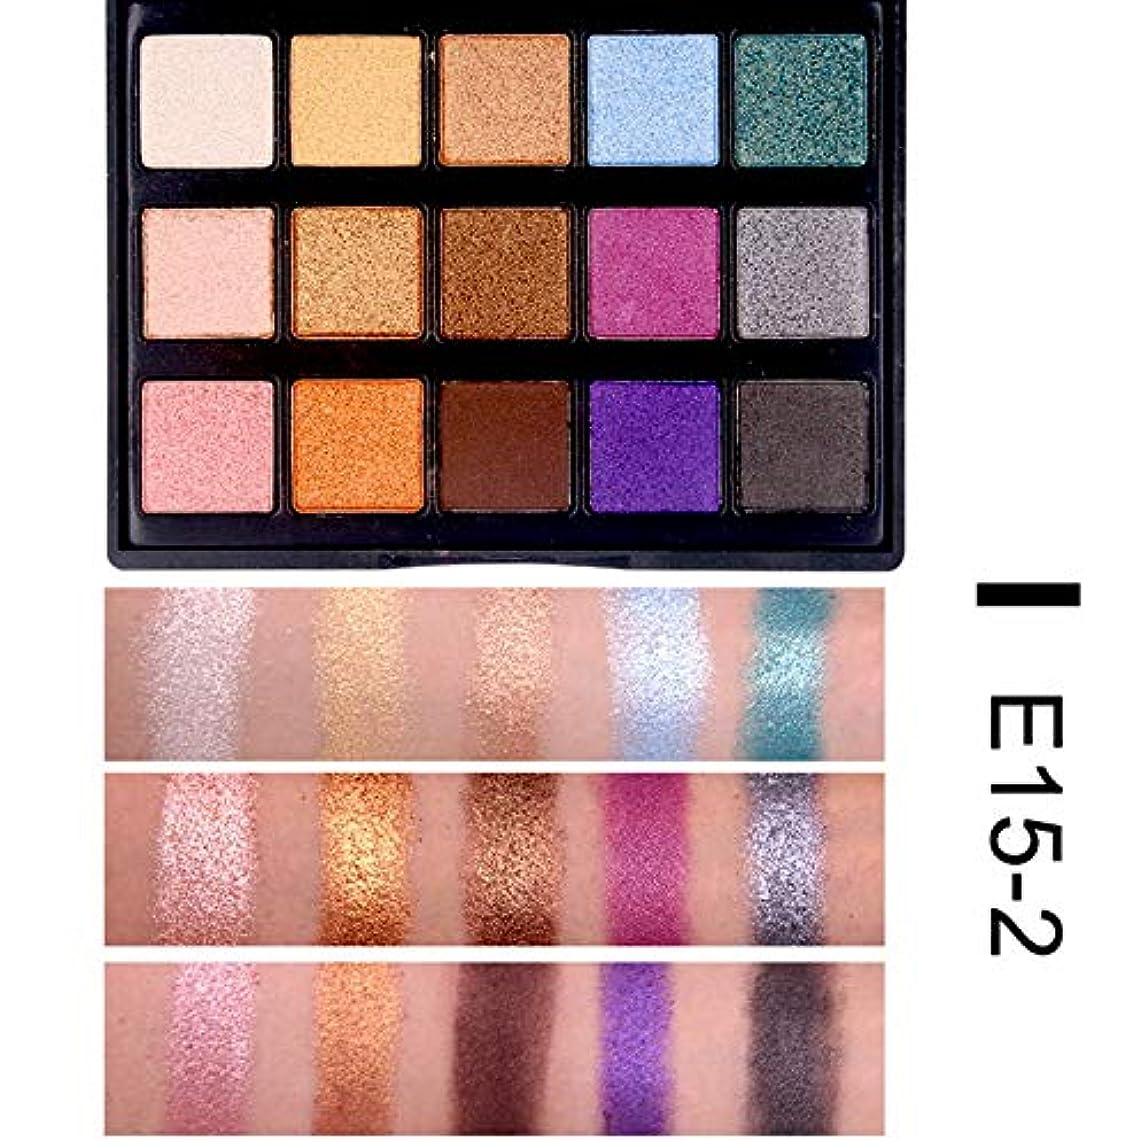 引くヘビー財団Rabugogo 15色ミニアイシャドウパウダーマットアイシャドウ化粧品メイクアップ EP15#2